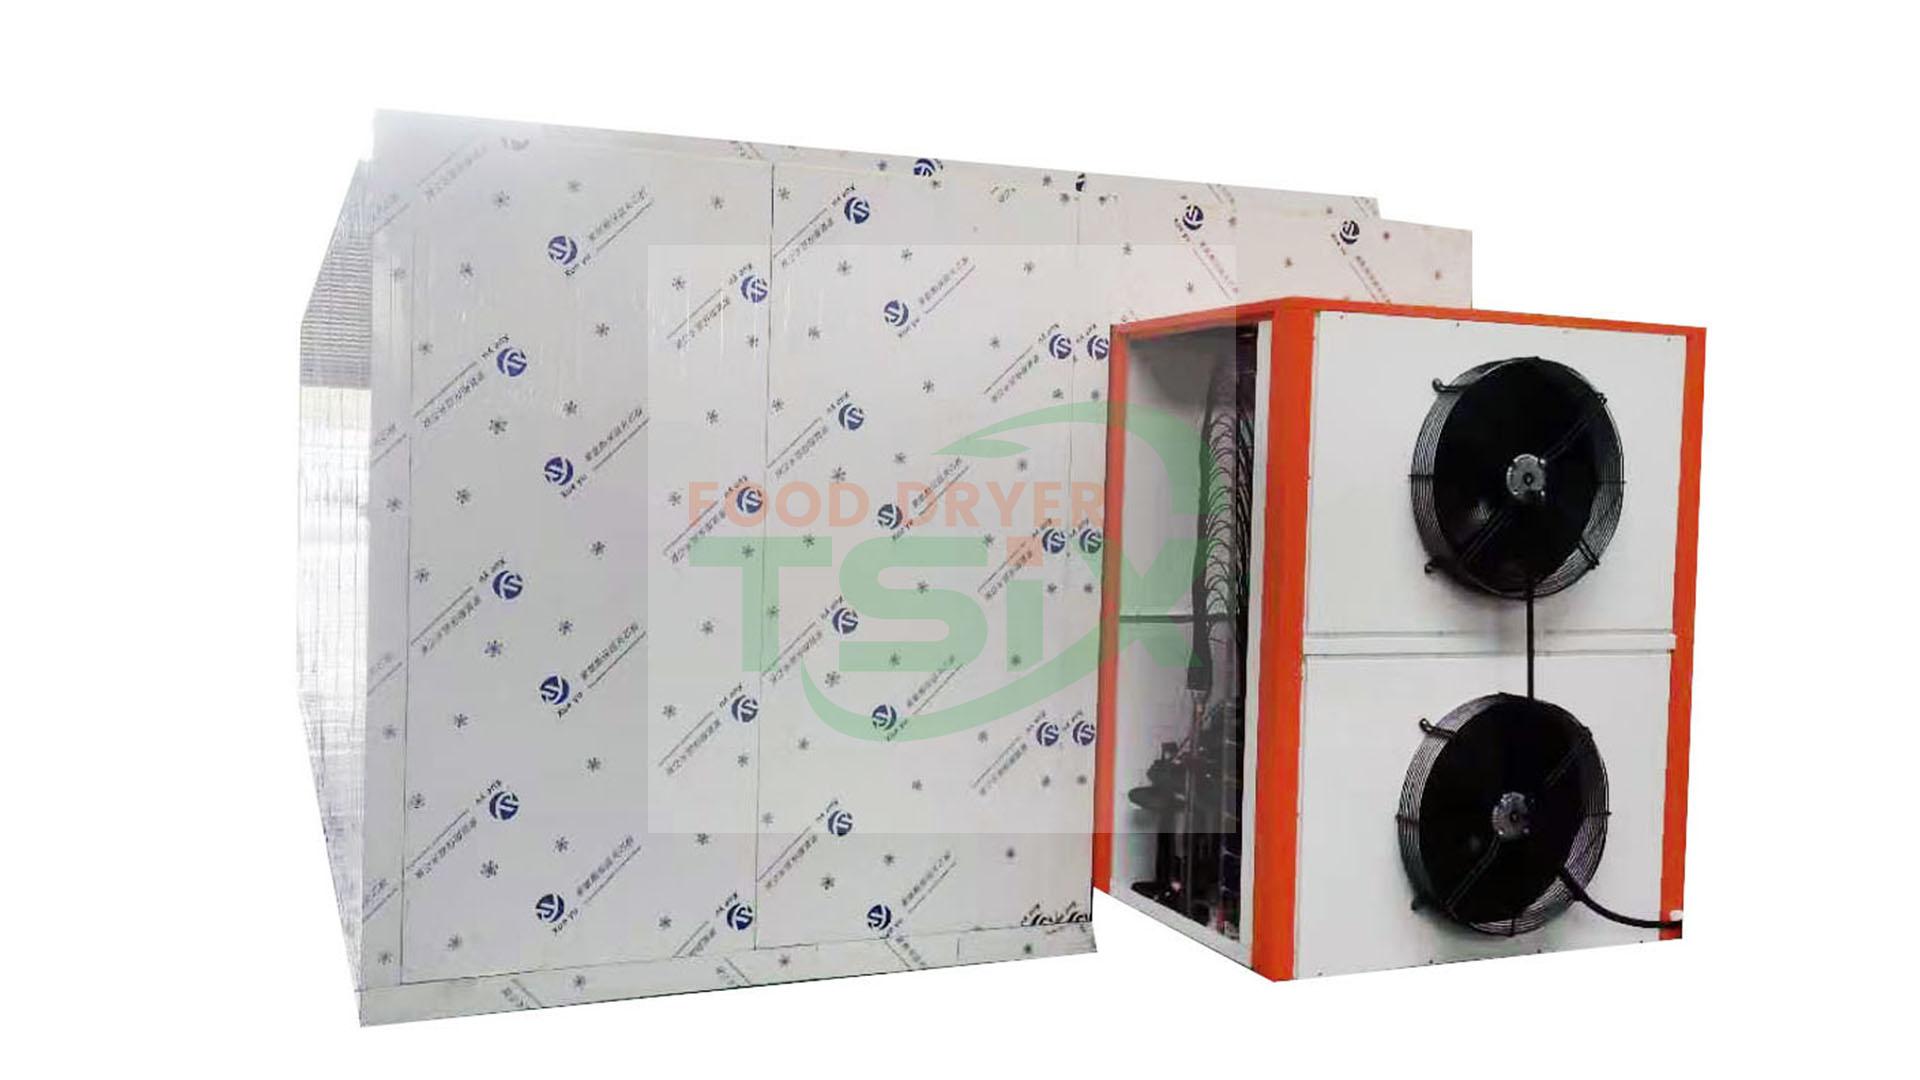 定制的工業飼料食品果蔬熱風乾燥機烘乾機廠家源於中國